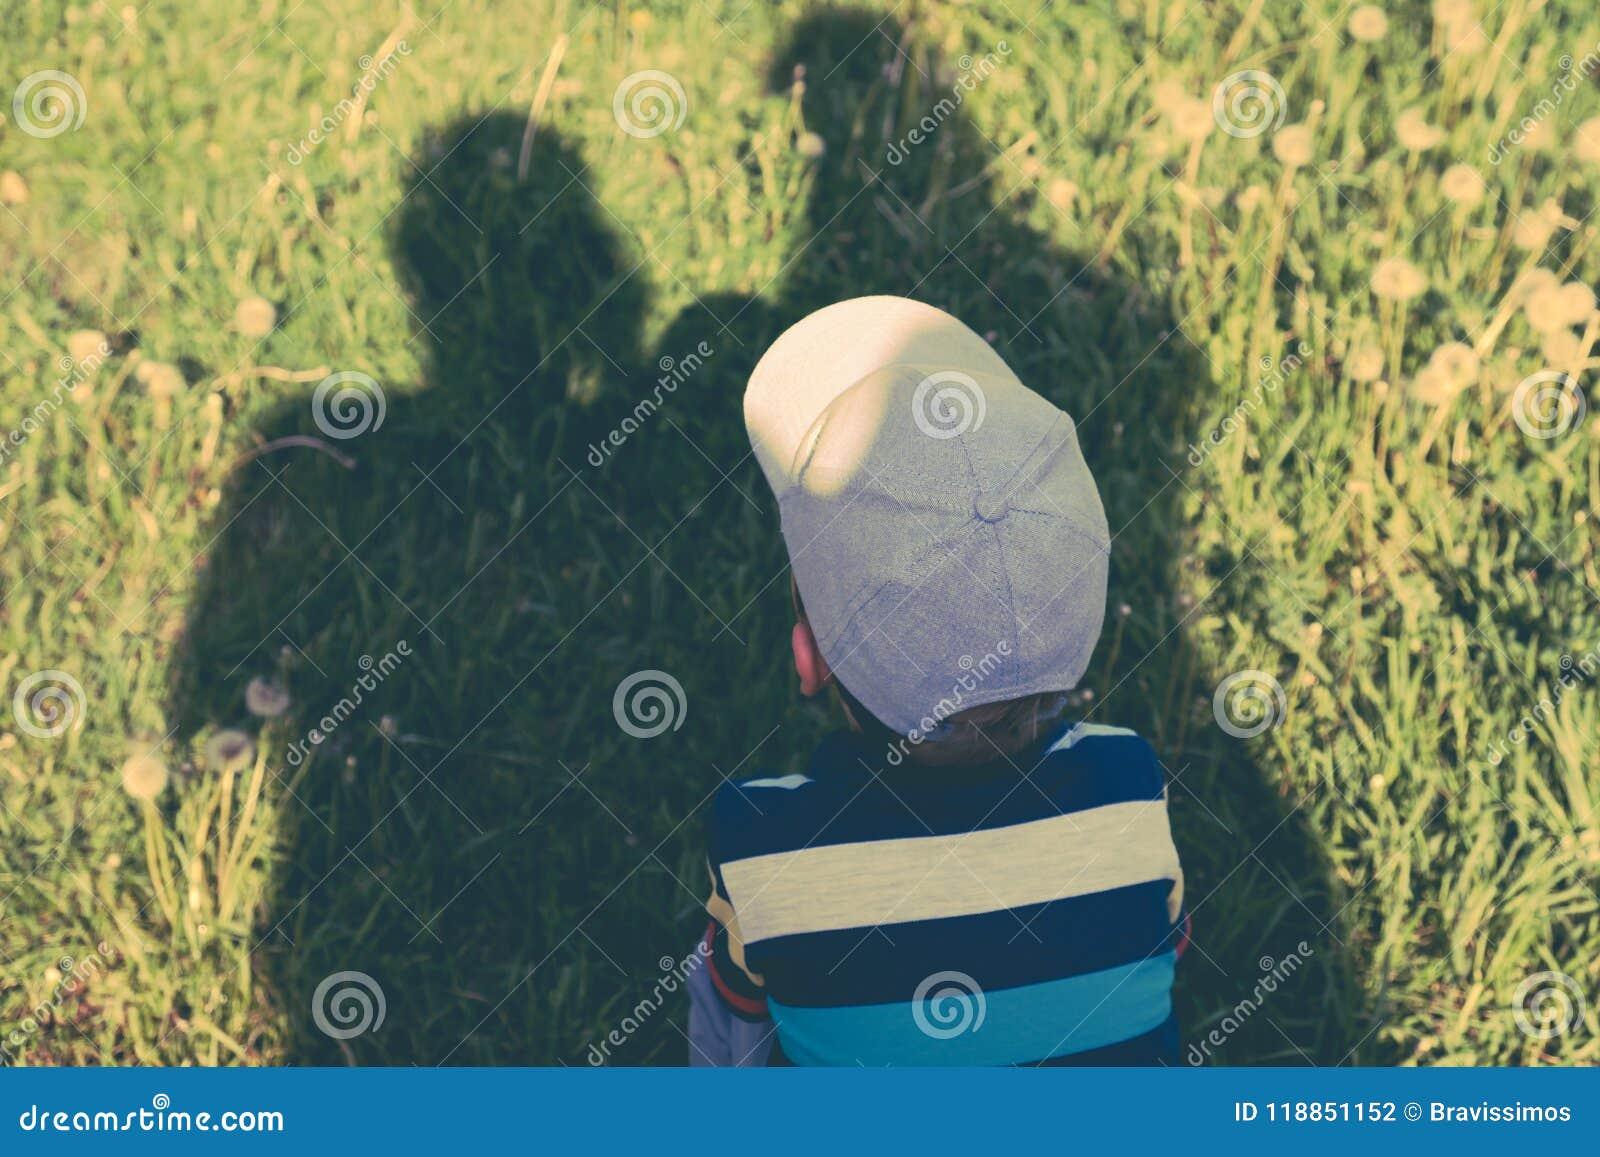 系列的概念 父母、父母的阴影保护孩子免受烧焦的太阳